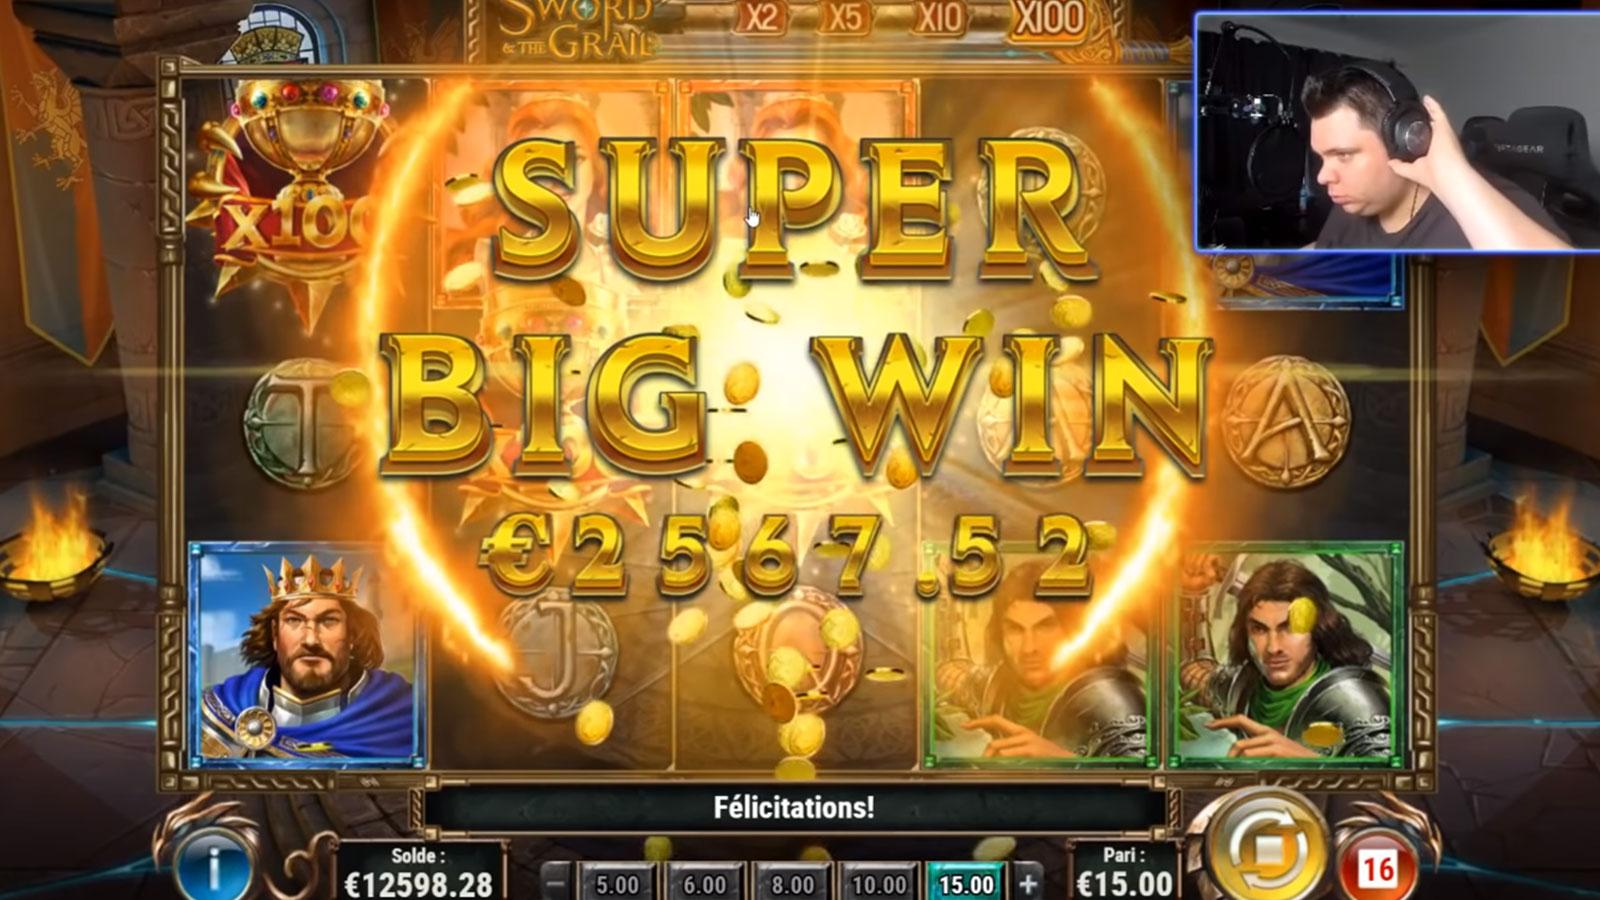 TeufeurS a gagné par mal d'argent grâce aux jeux d'argent en ligne